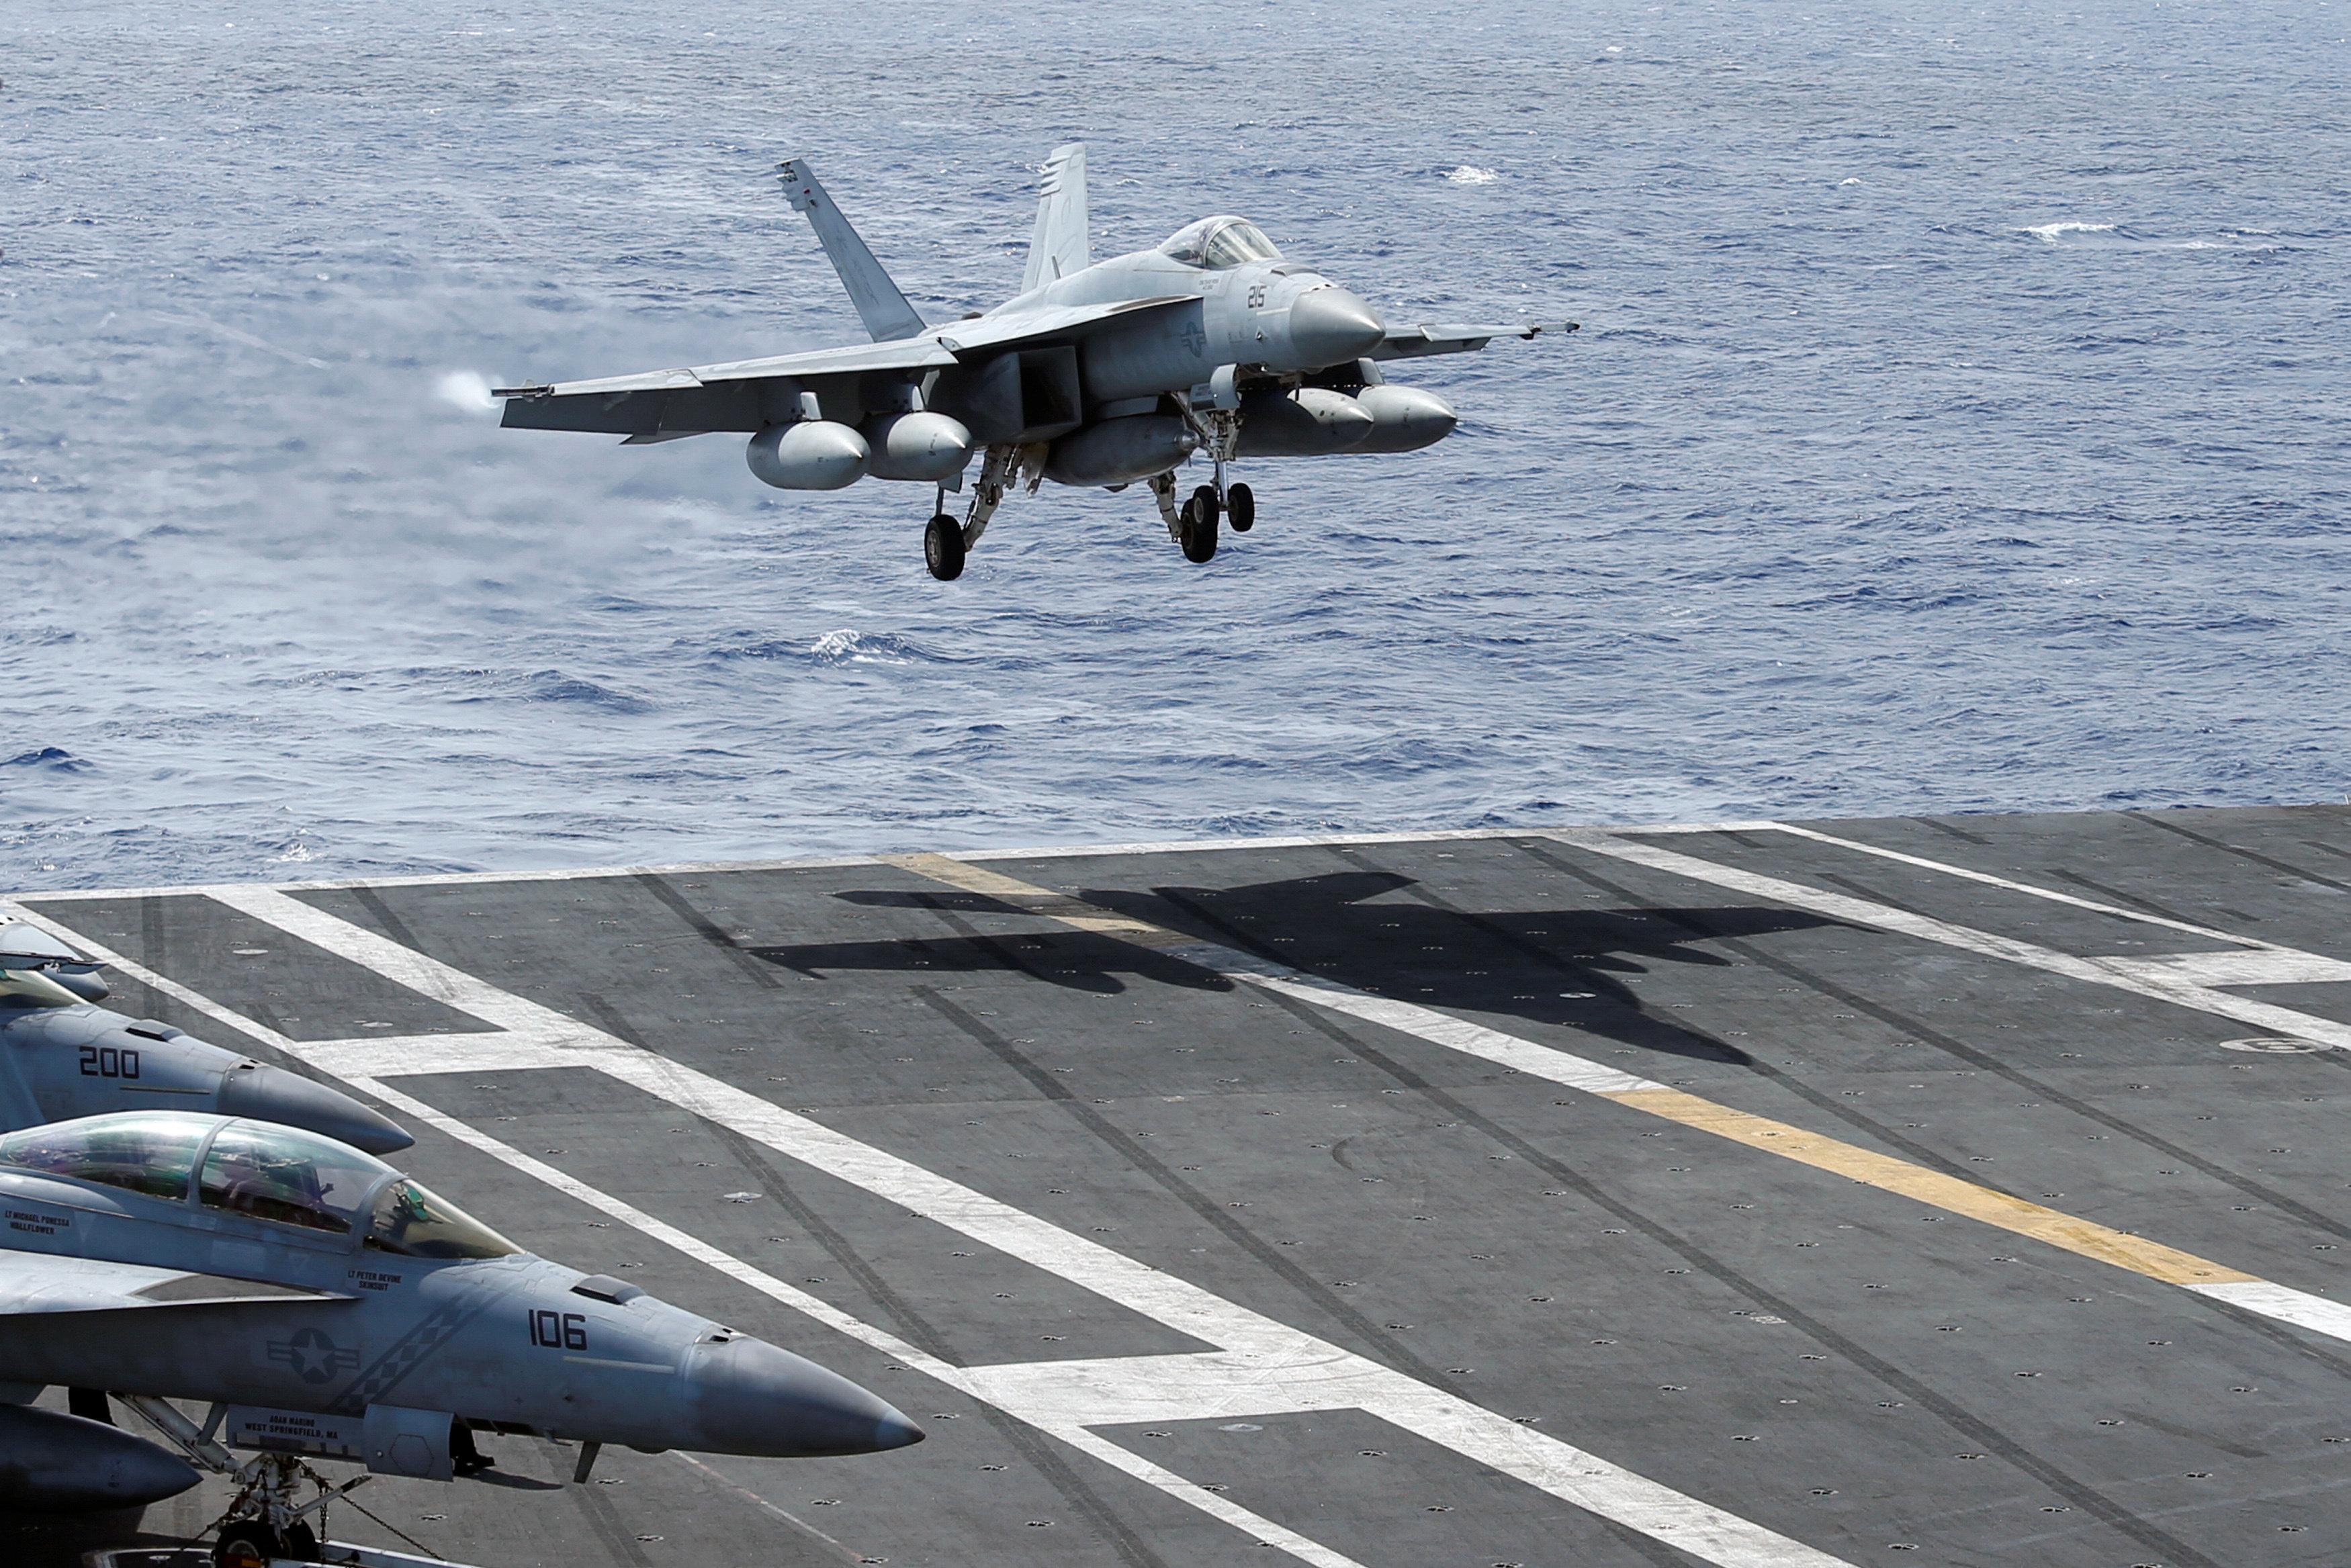 ΗΠΑ: Δύο νεκροί σε συντριβή μαχητικού του αμερικανικού πολεμικού